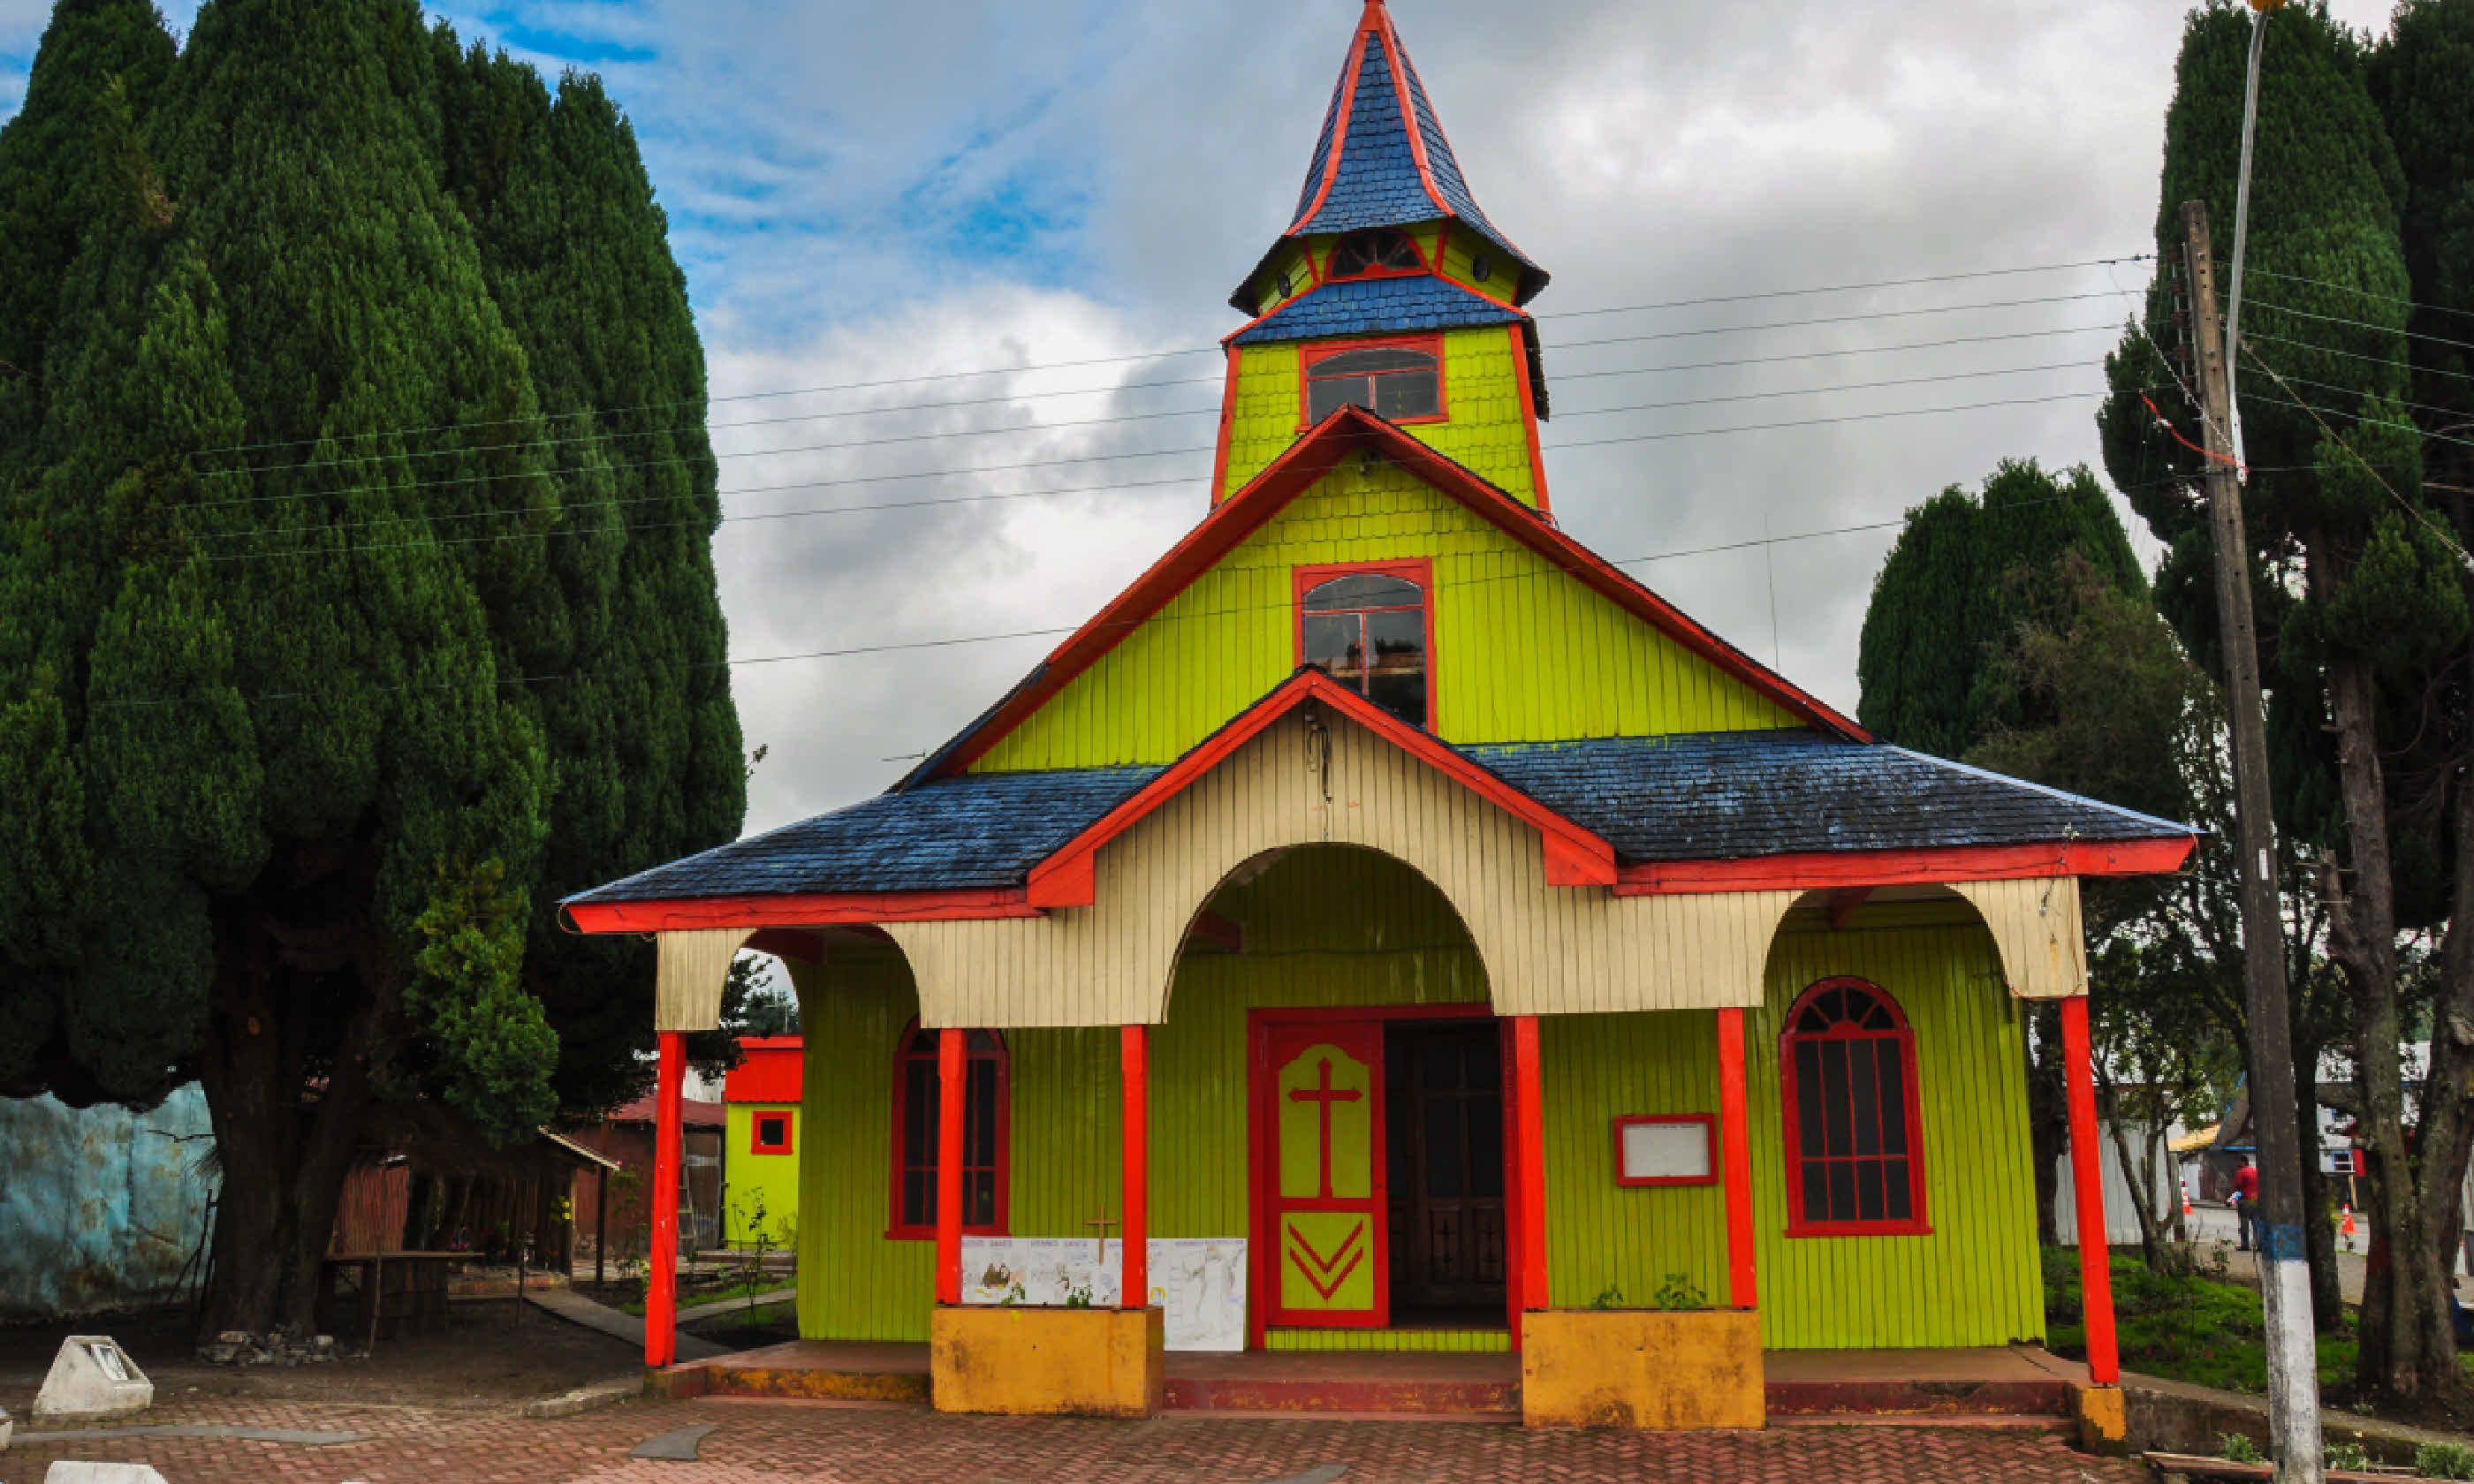 Chiloe Island, Chile (Shutterstock)